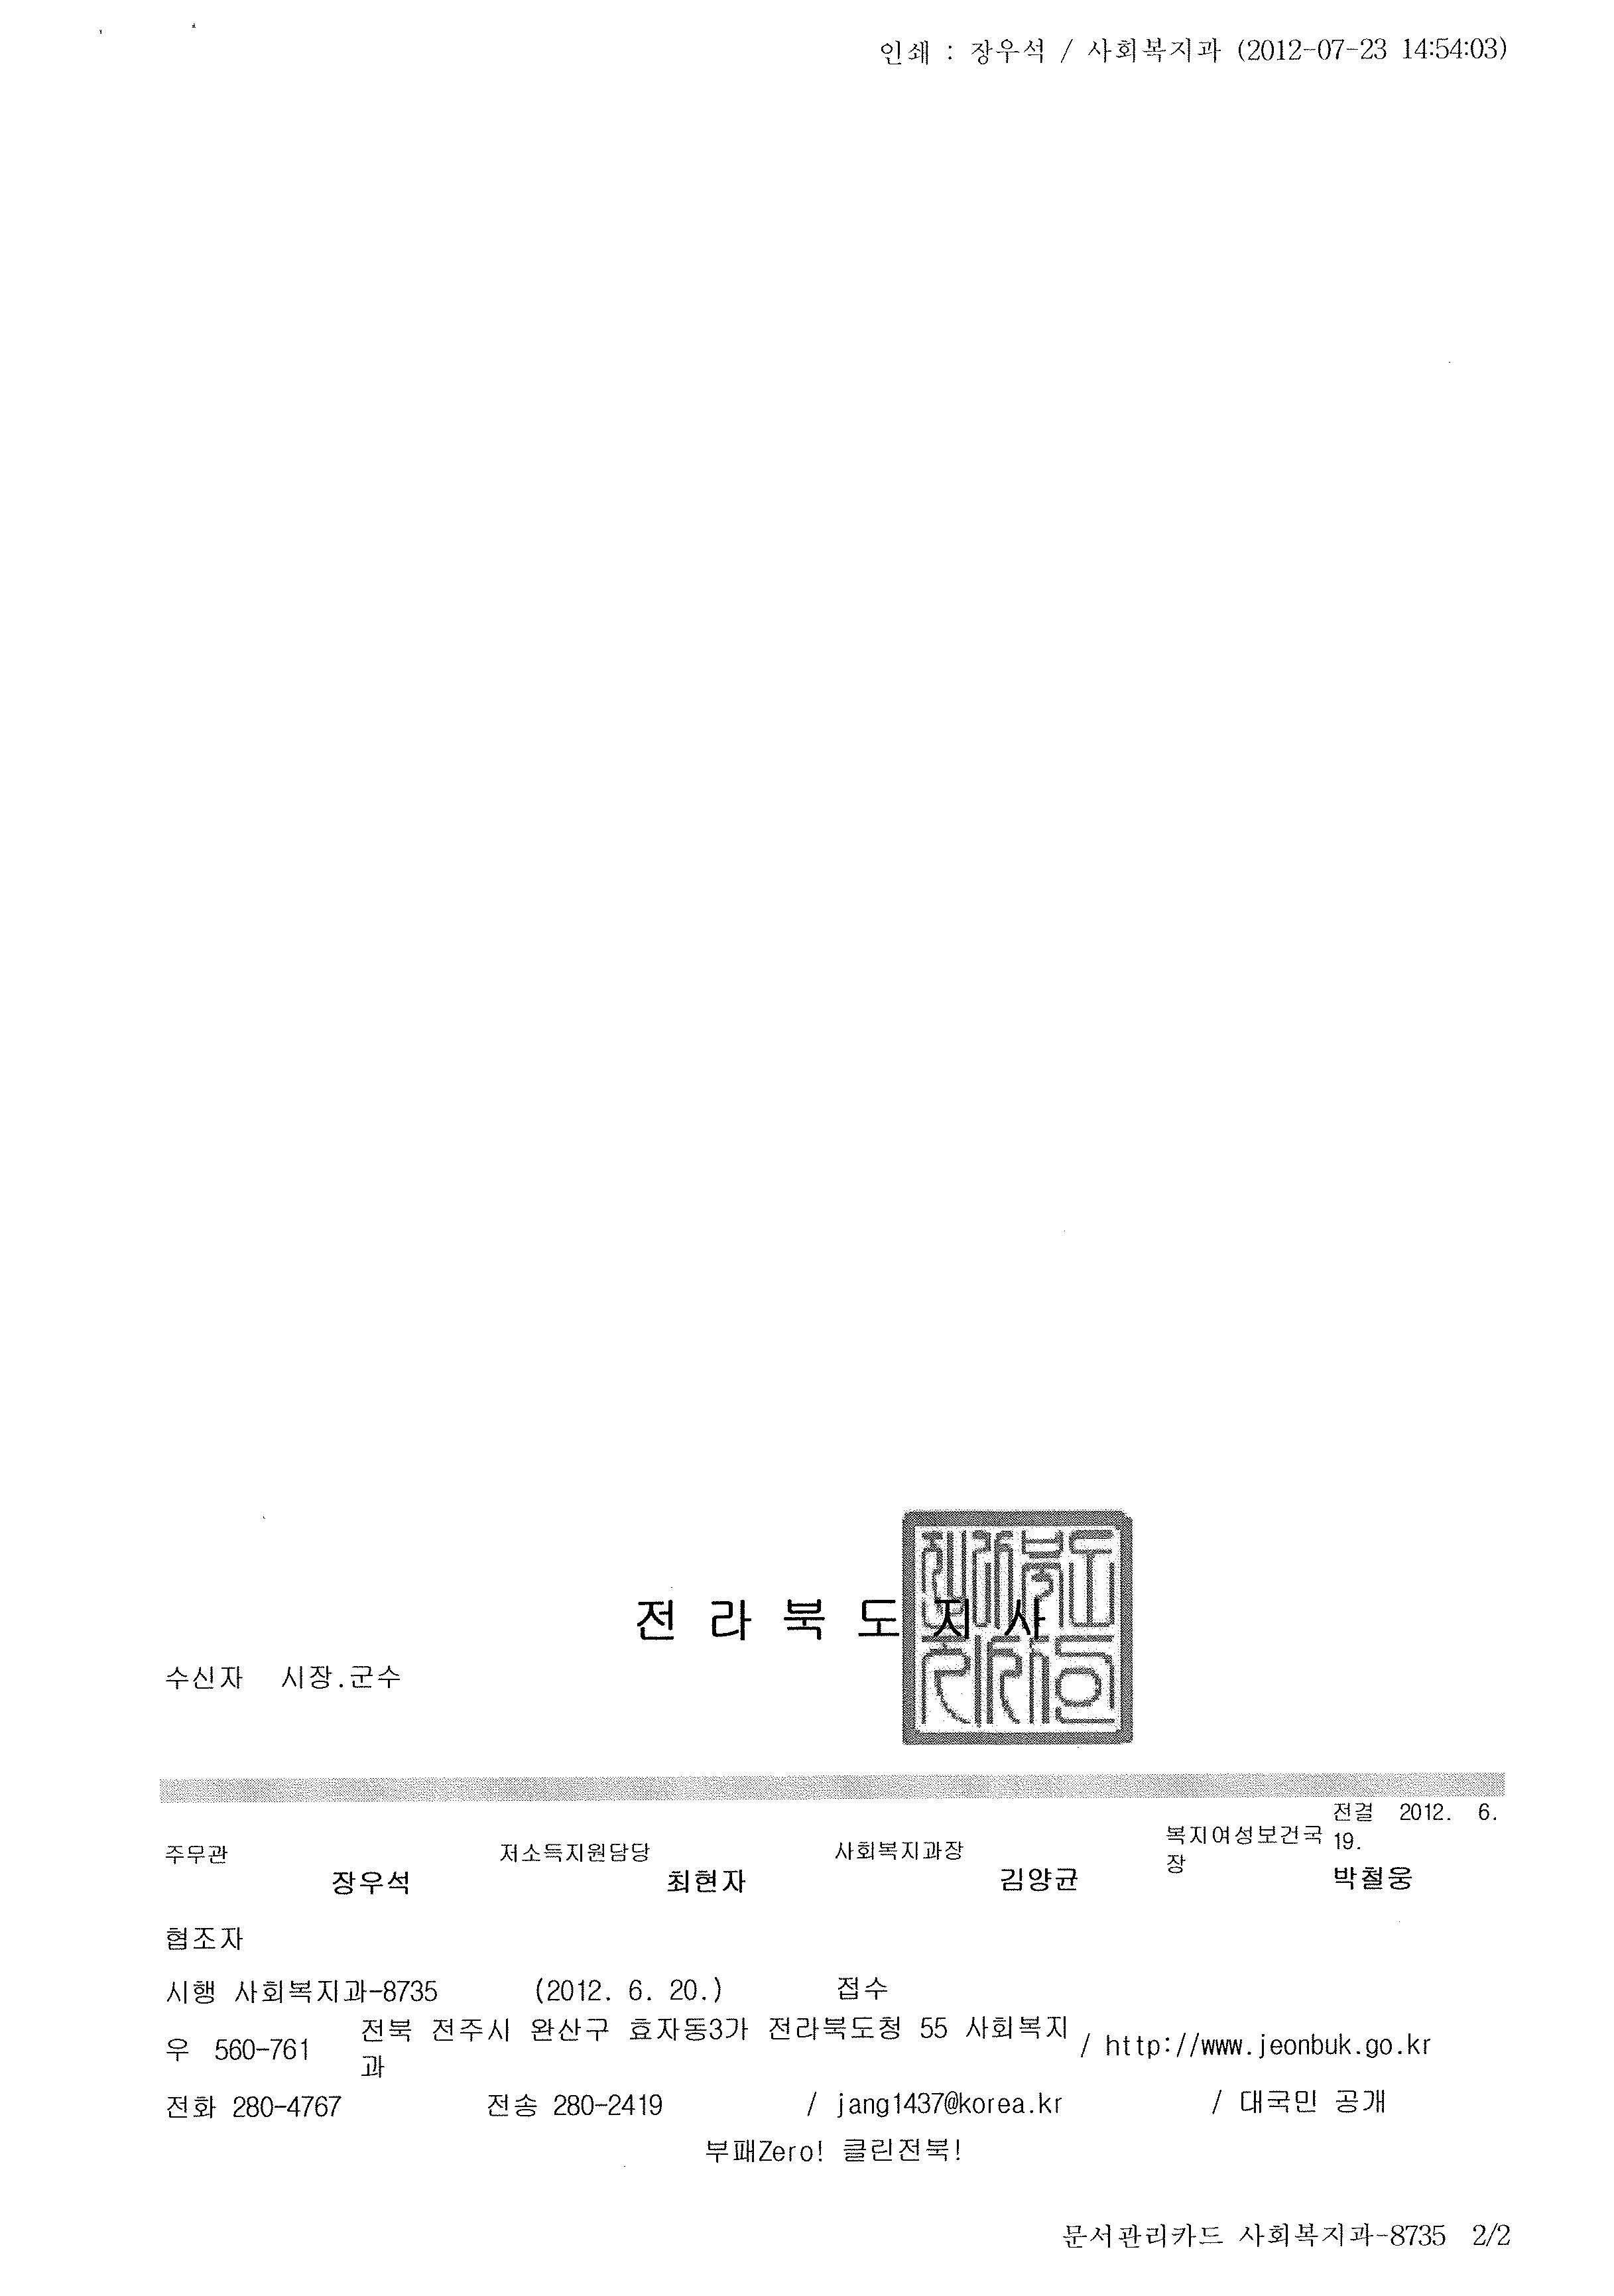 전북도 교복비 관련 정보공개청구(2012.07)_5.jpg